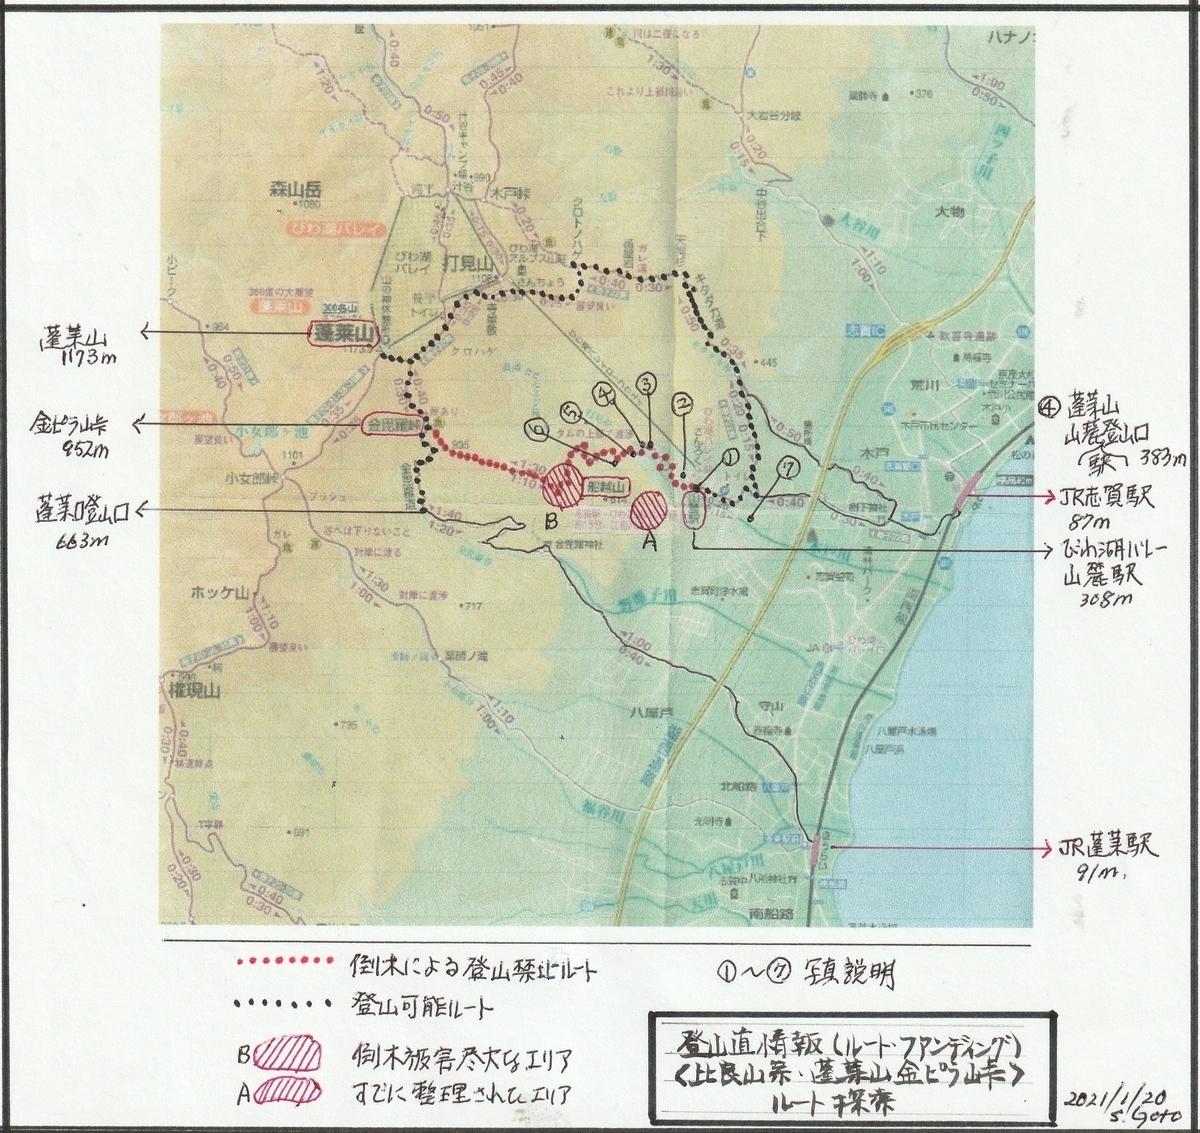 f:id:shiganosato-goto:20210120224029j:plain